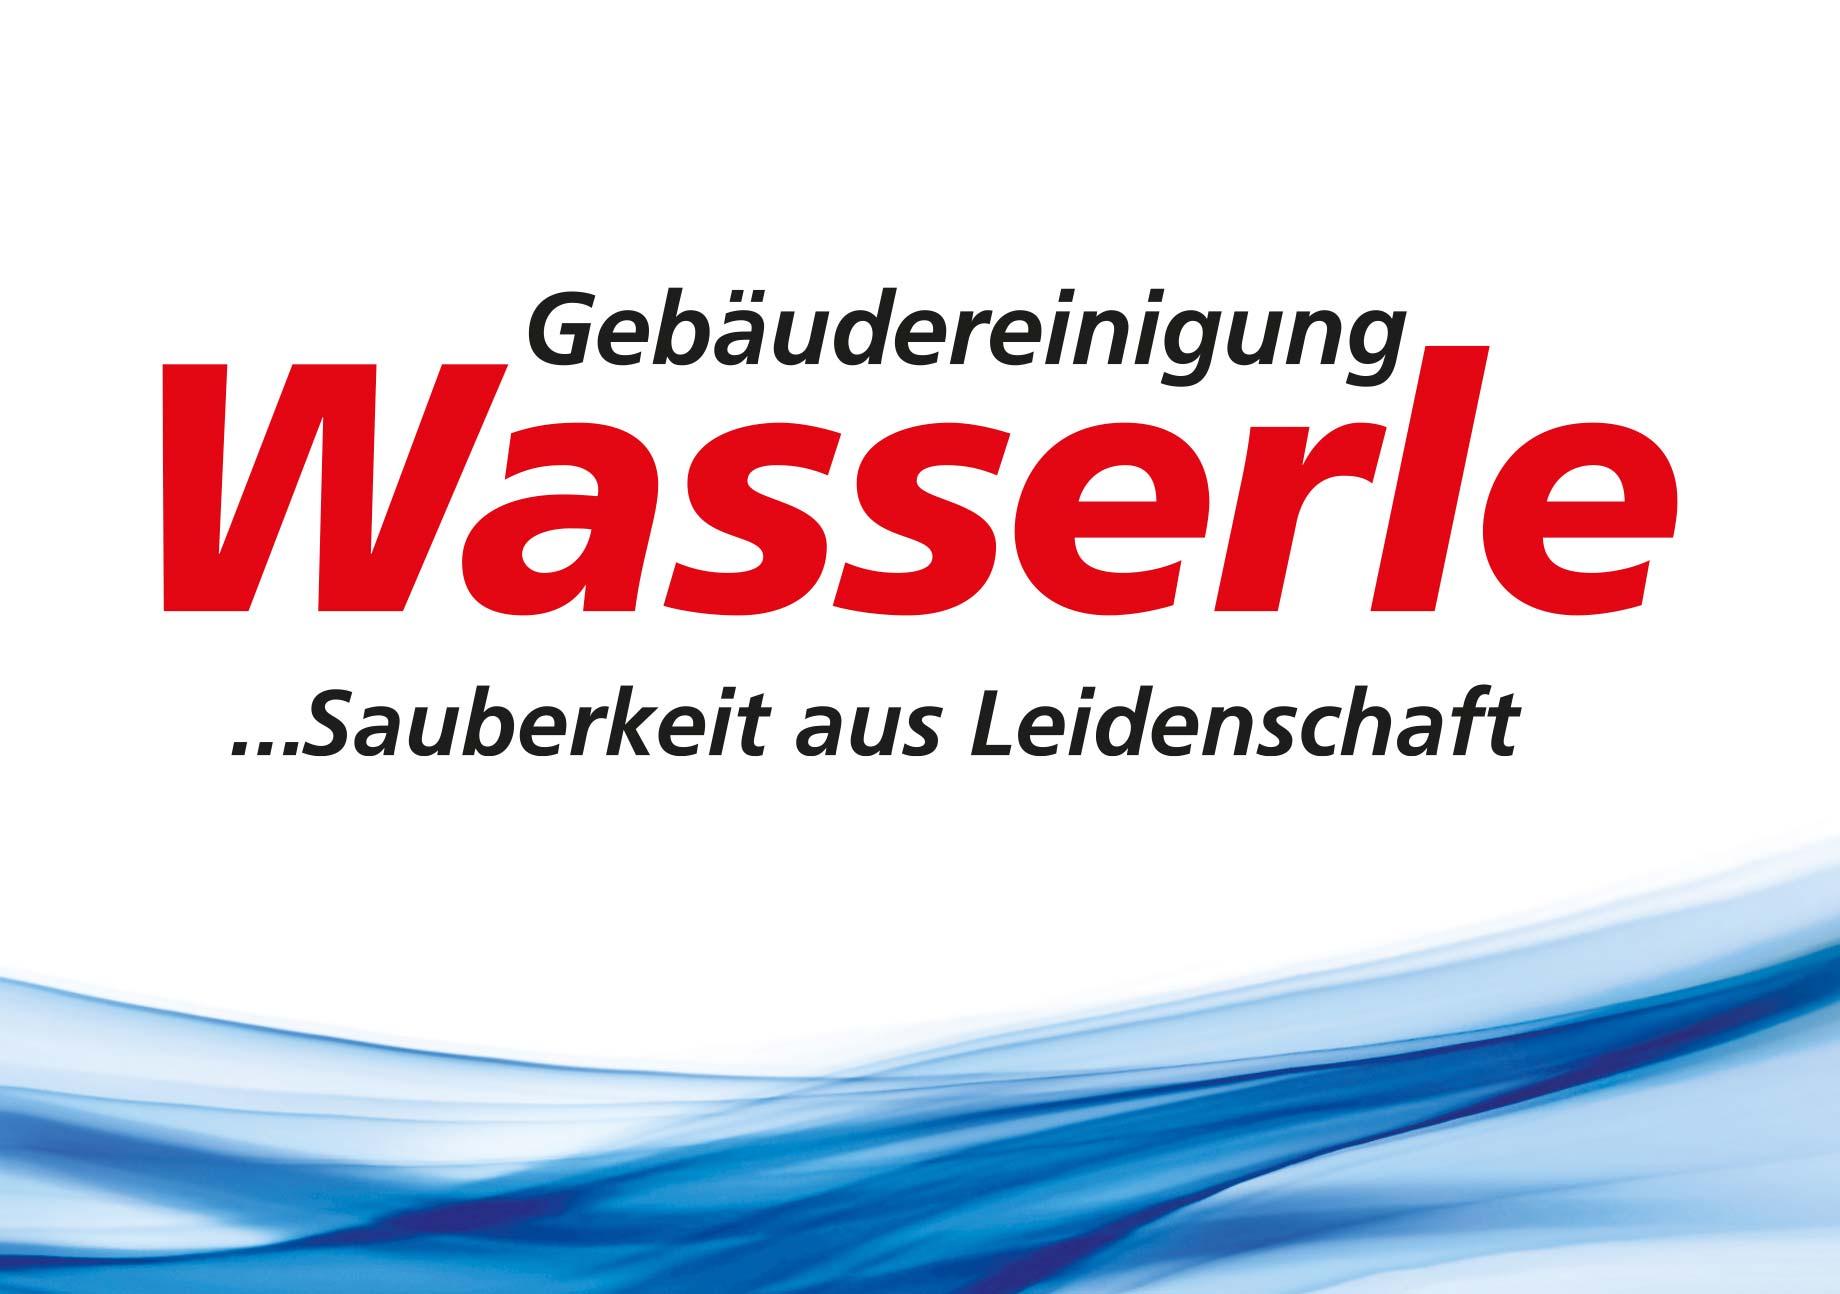 logo-wasserle